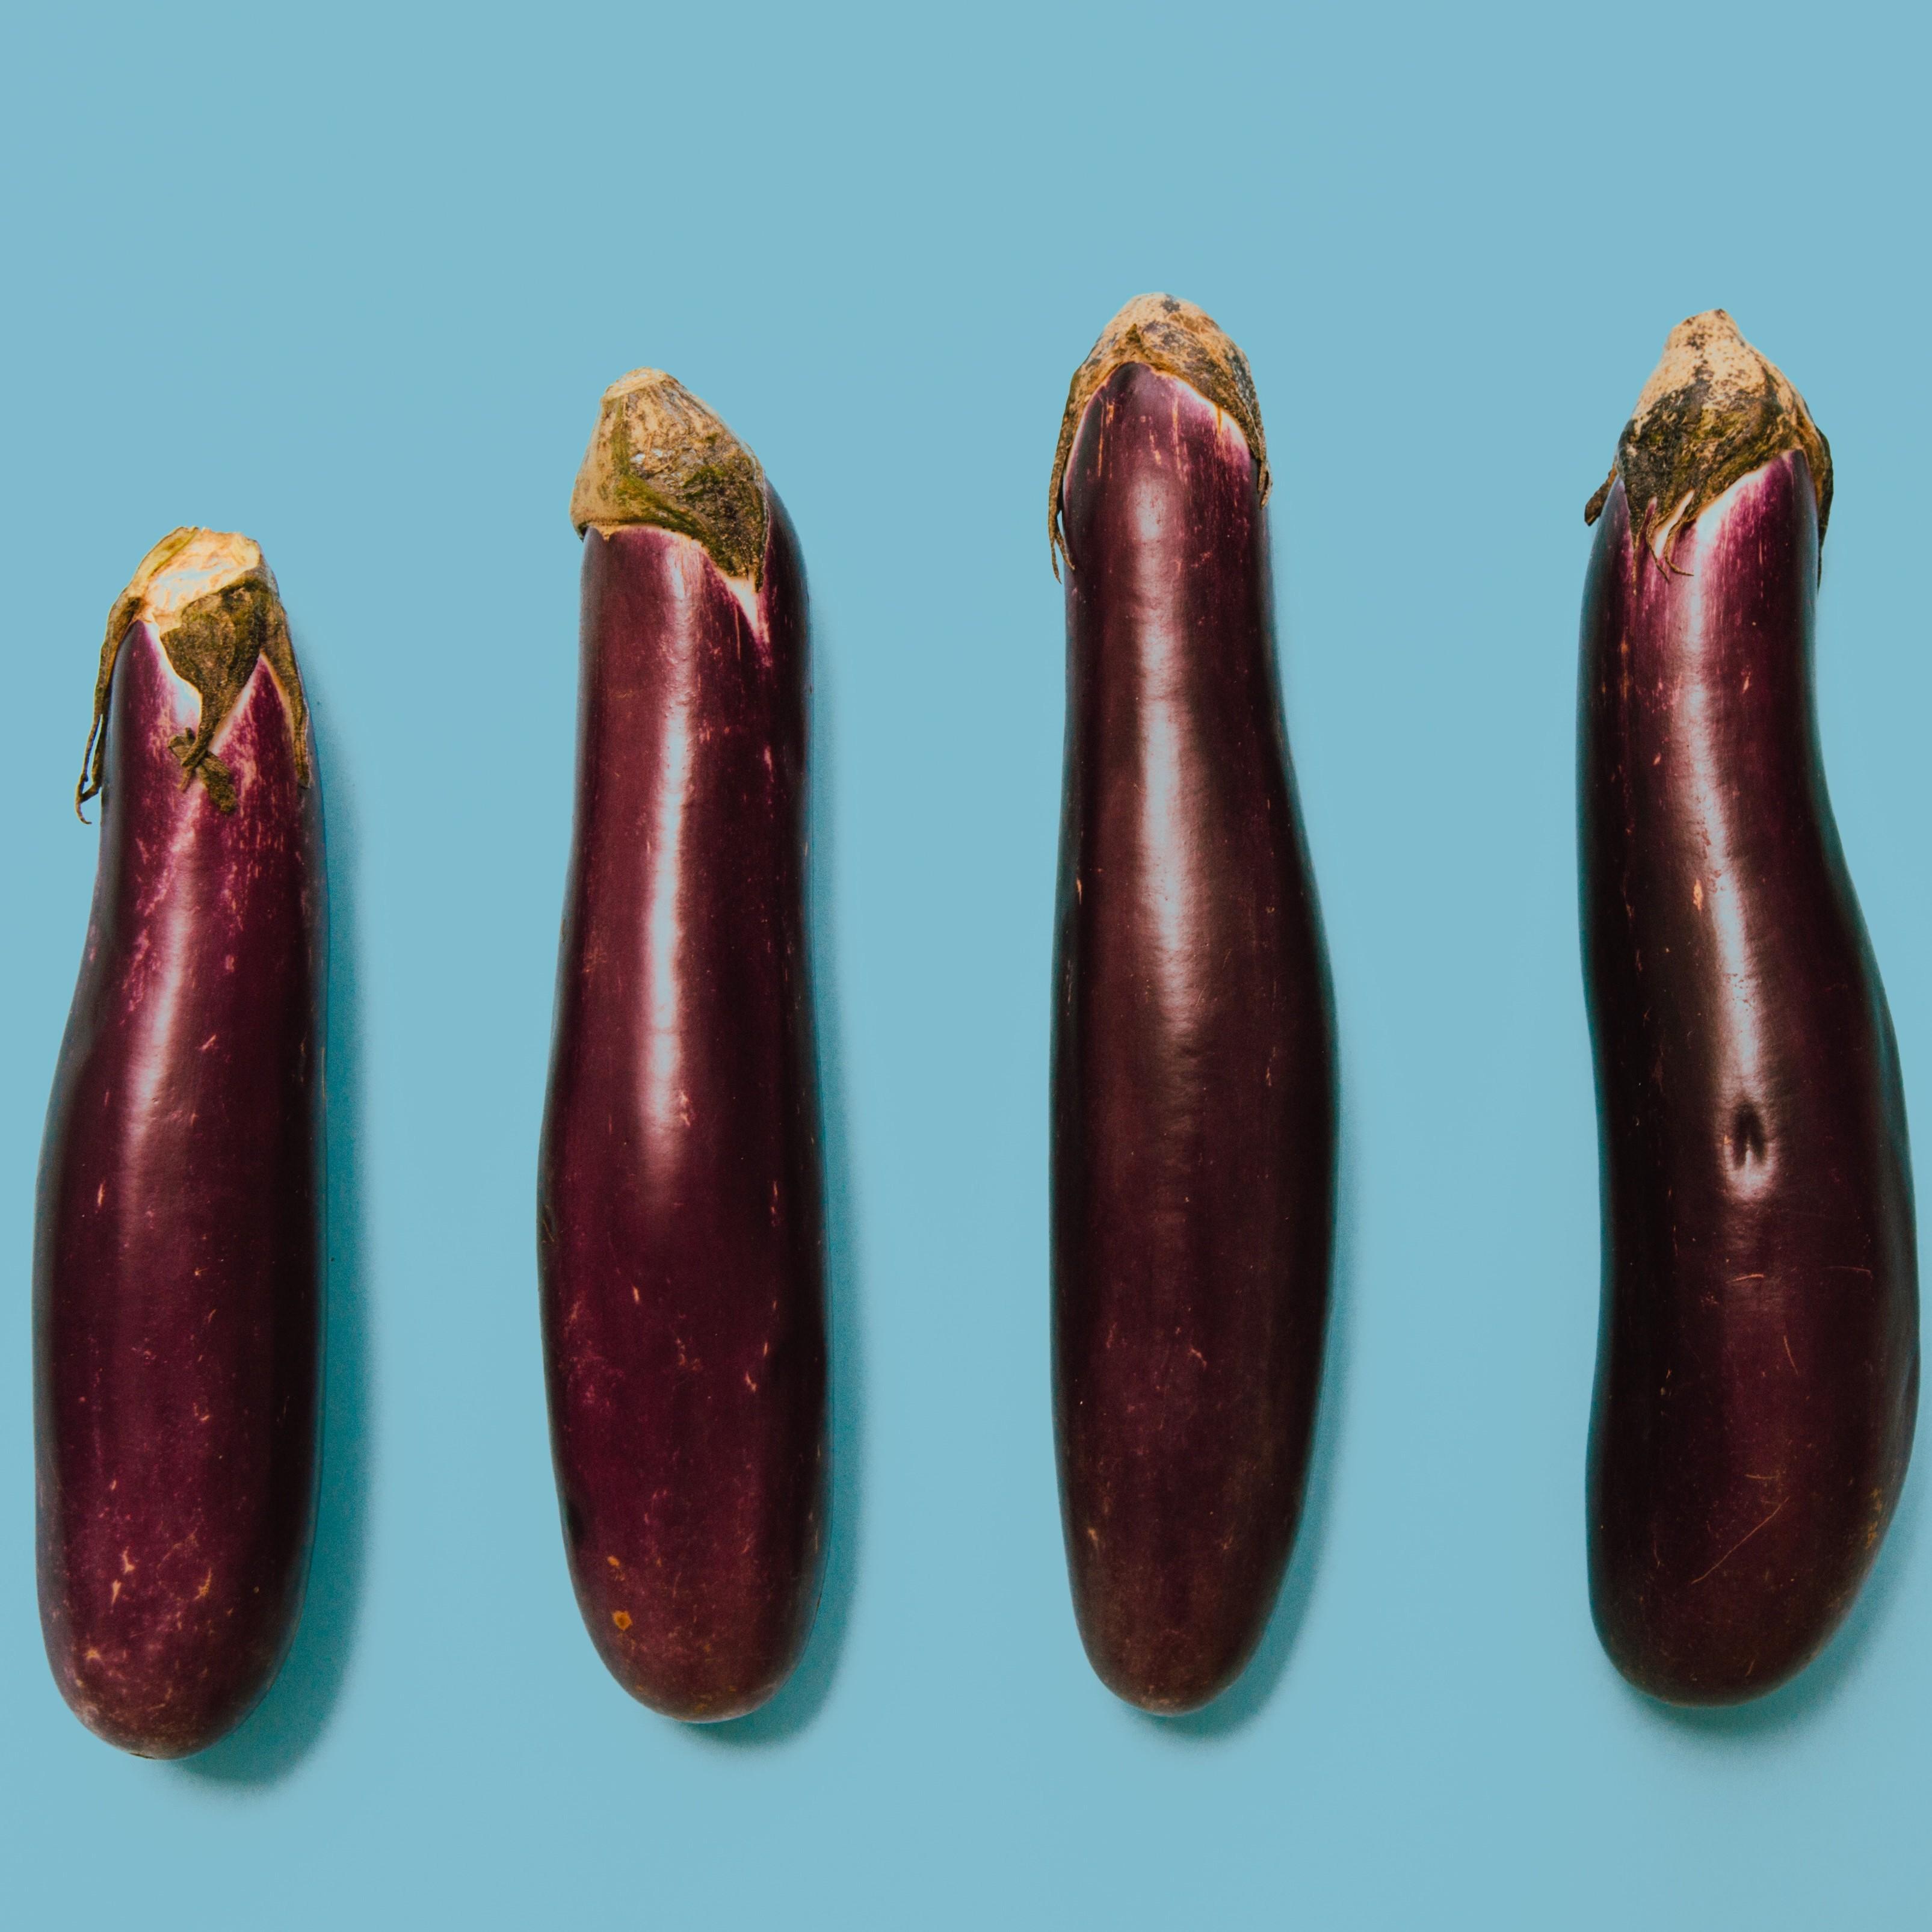 ce trebuie făcut pentru o erecție normală erecția dispare dorința de a mânca